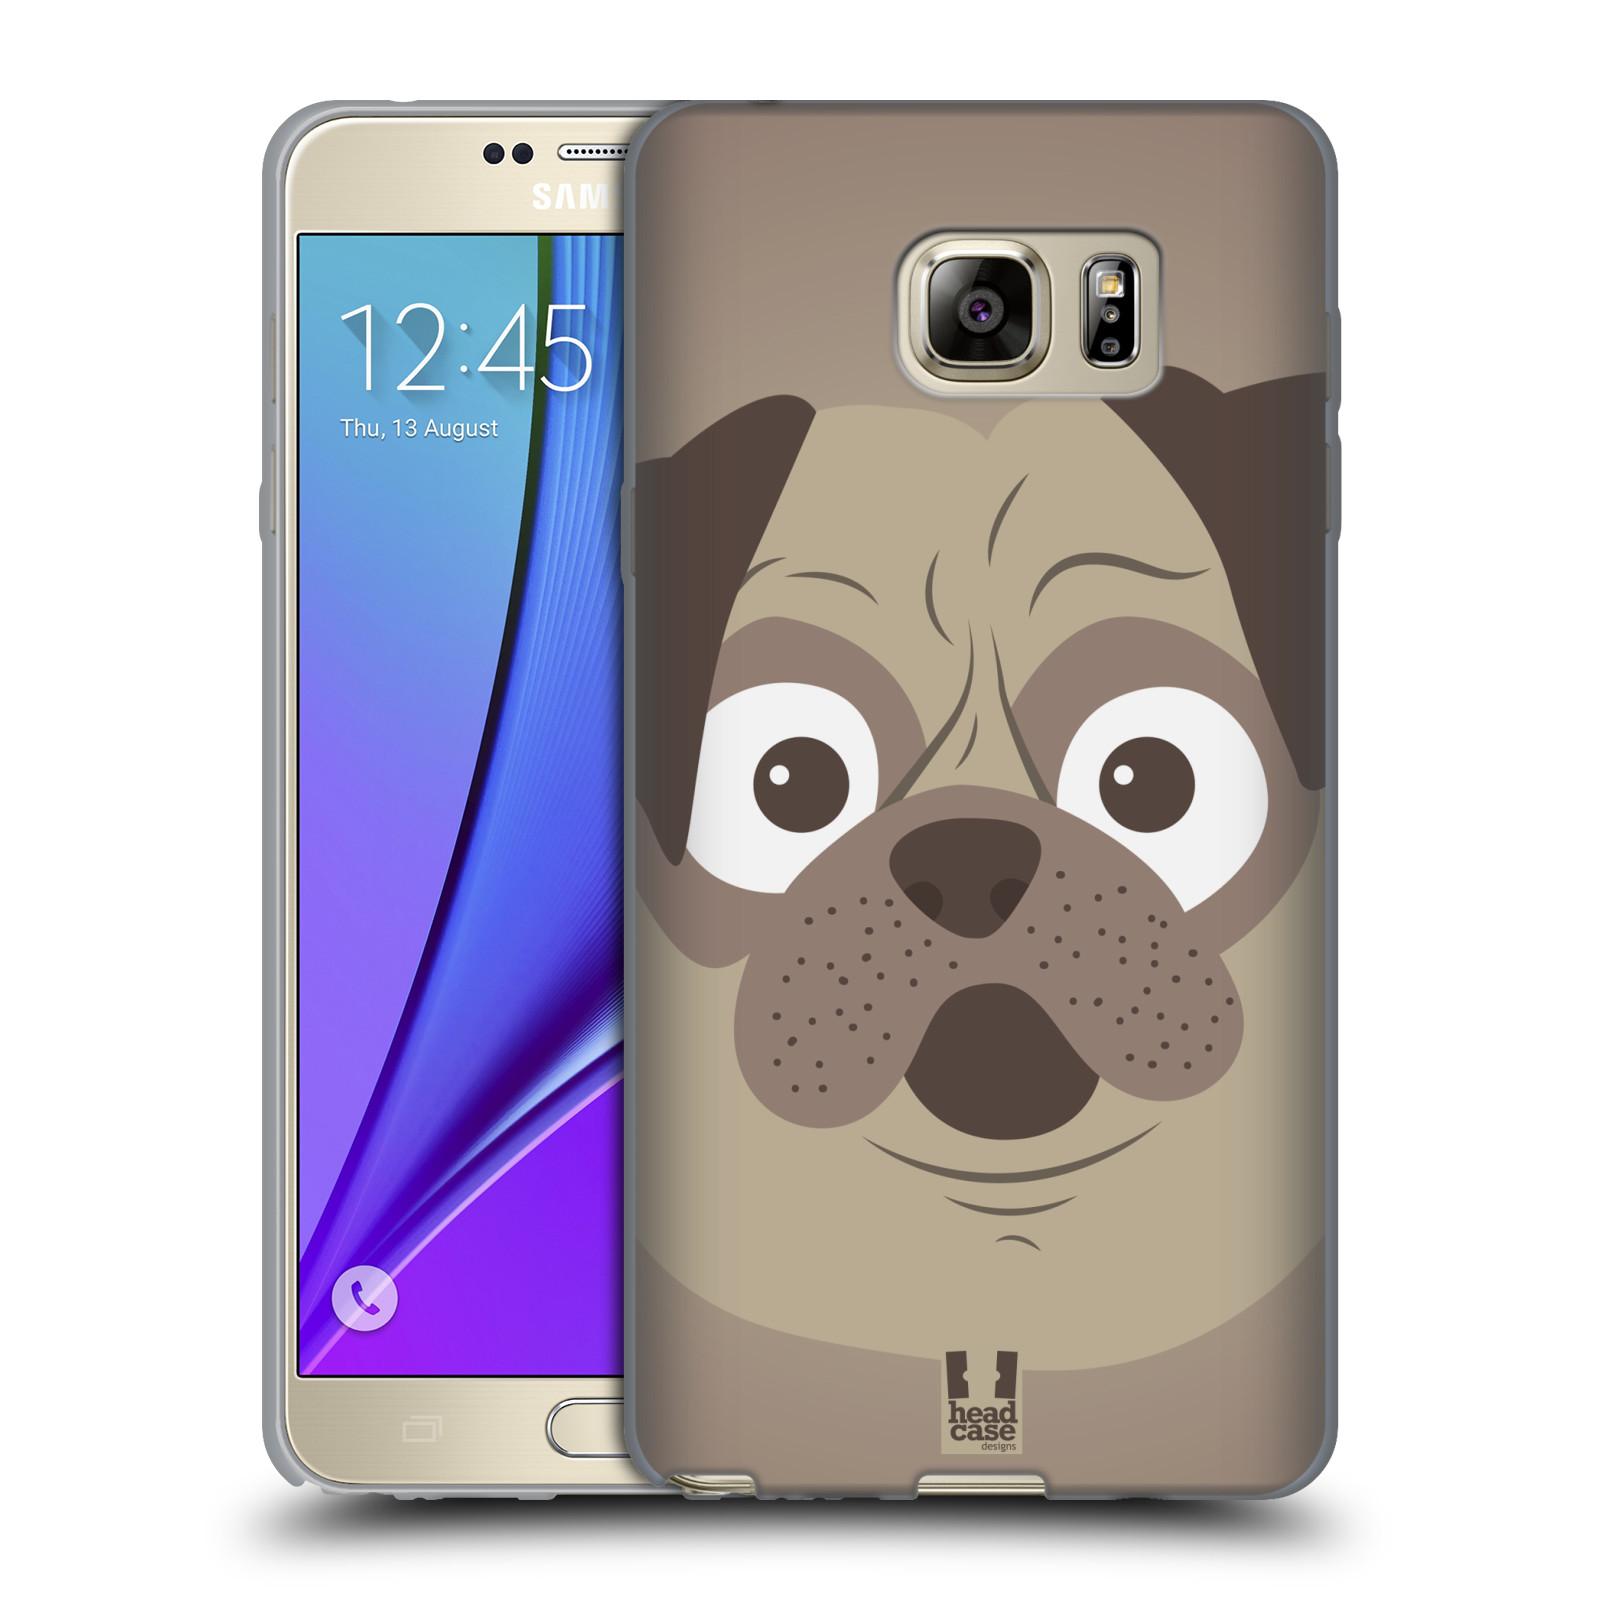 HEAD CASE silikonový obal na mobil Samsung Galaxy Note 5 (N920) vzor Cartoon Karikatura barevná kreslená zvířátka pes mopsík